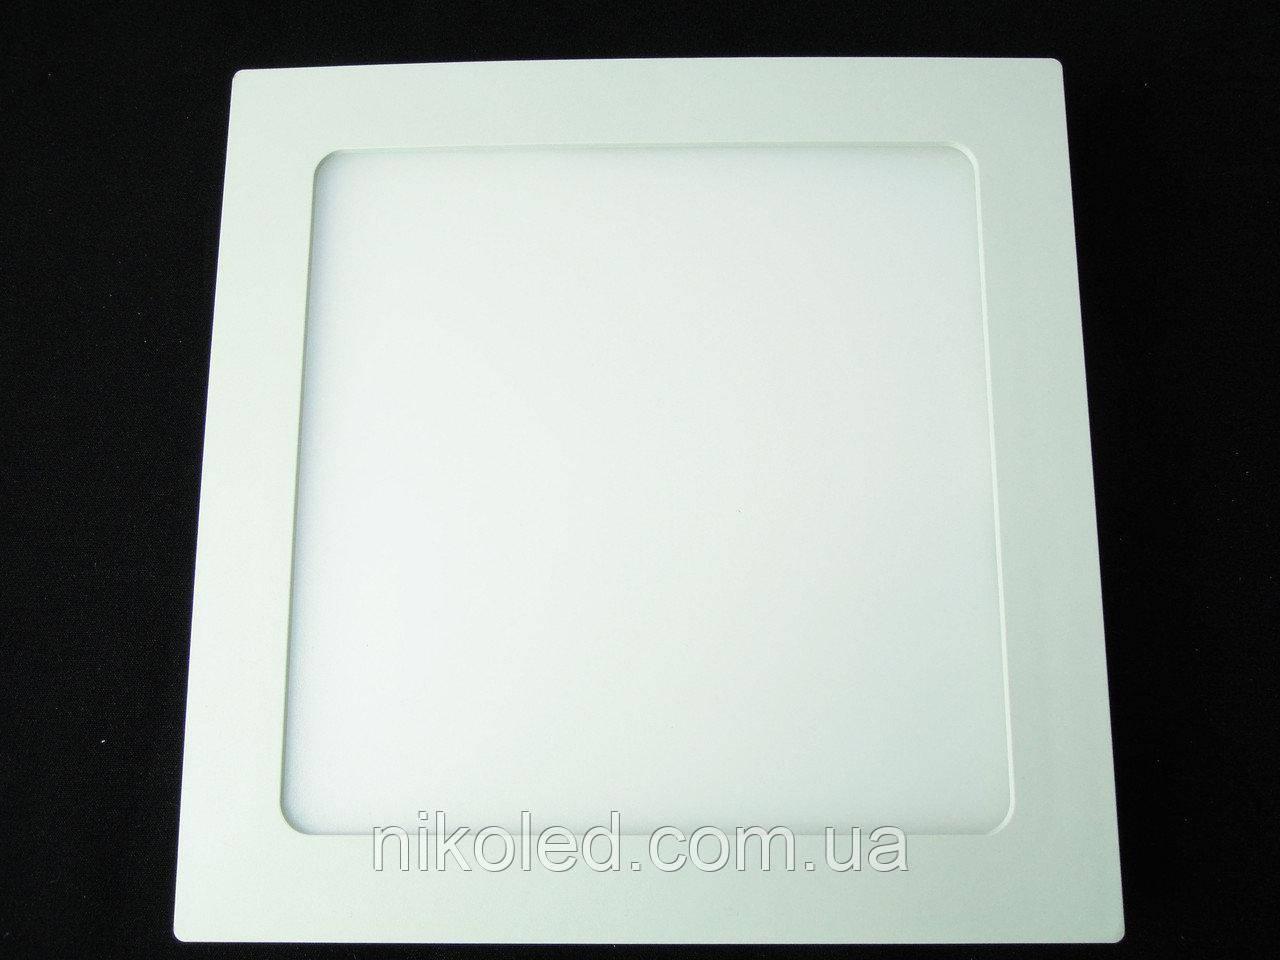 Светильник точечный Slim LED 18W квадрат  Теплый белый